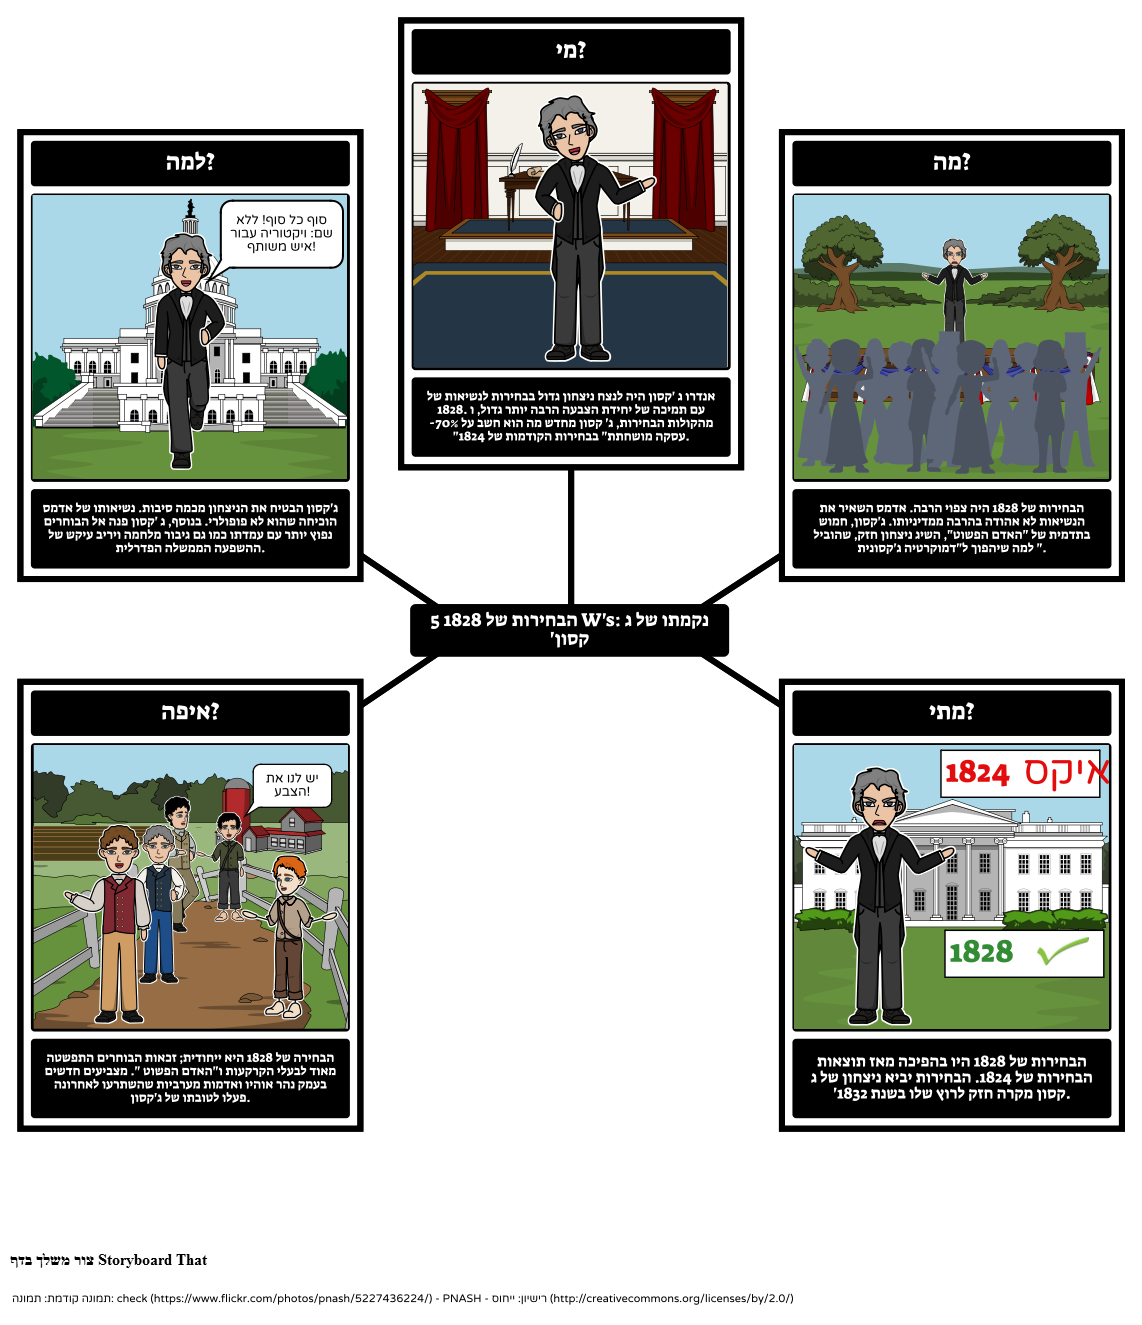 הבחירות של 1828: ניצחון של ג 'קסון